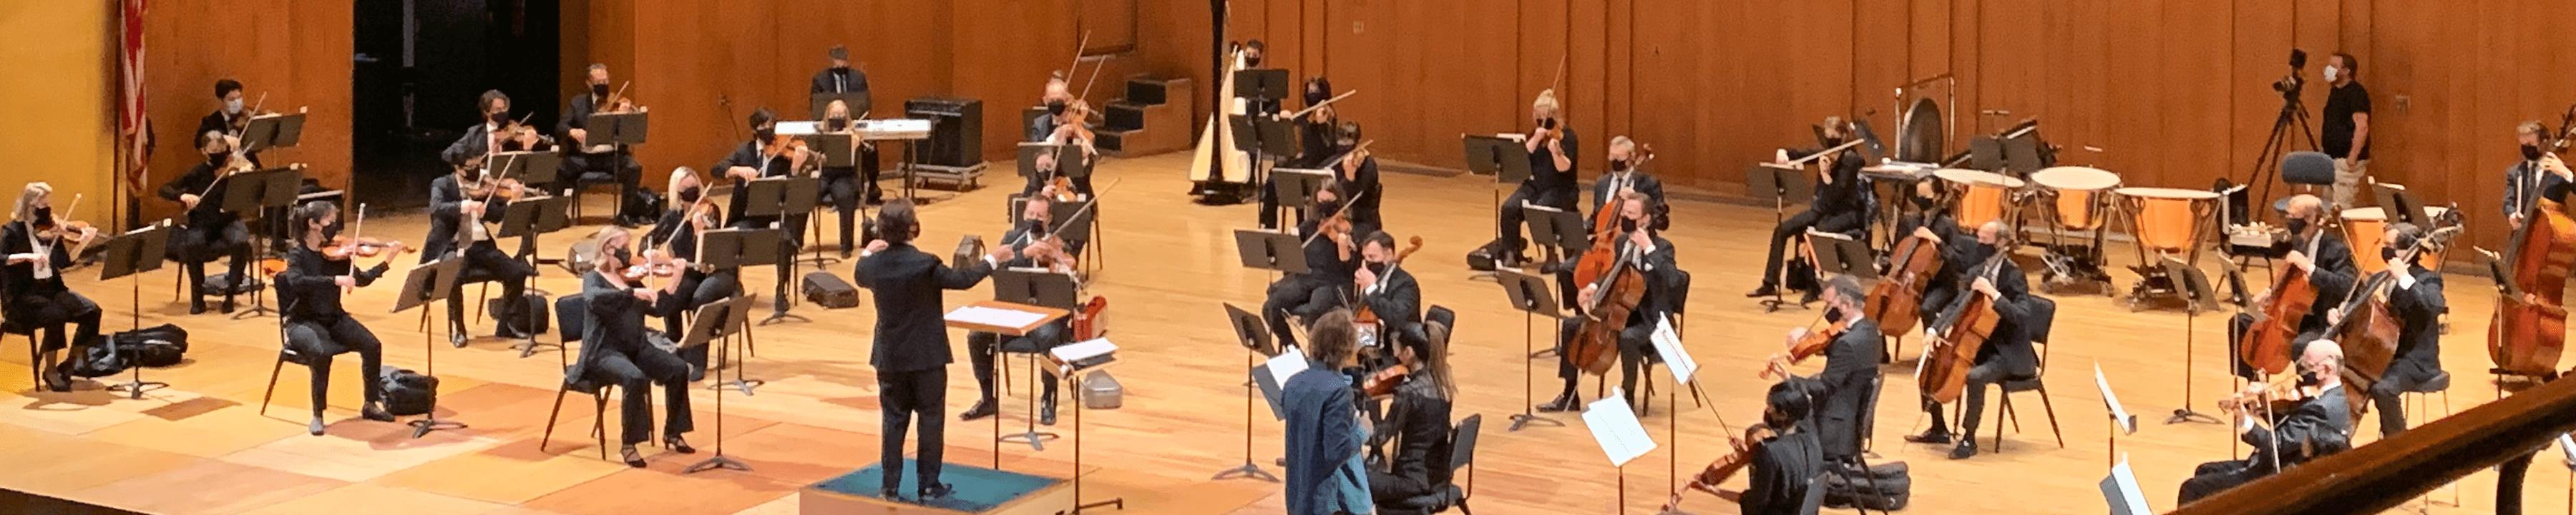 Utah Symphony performing